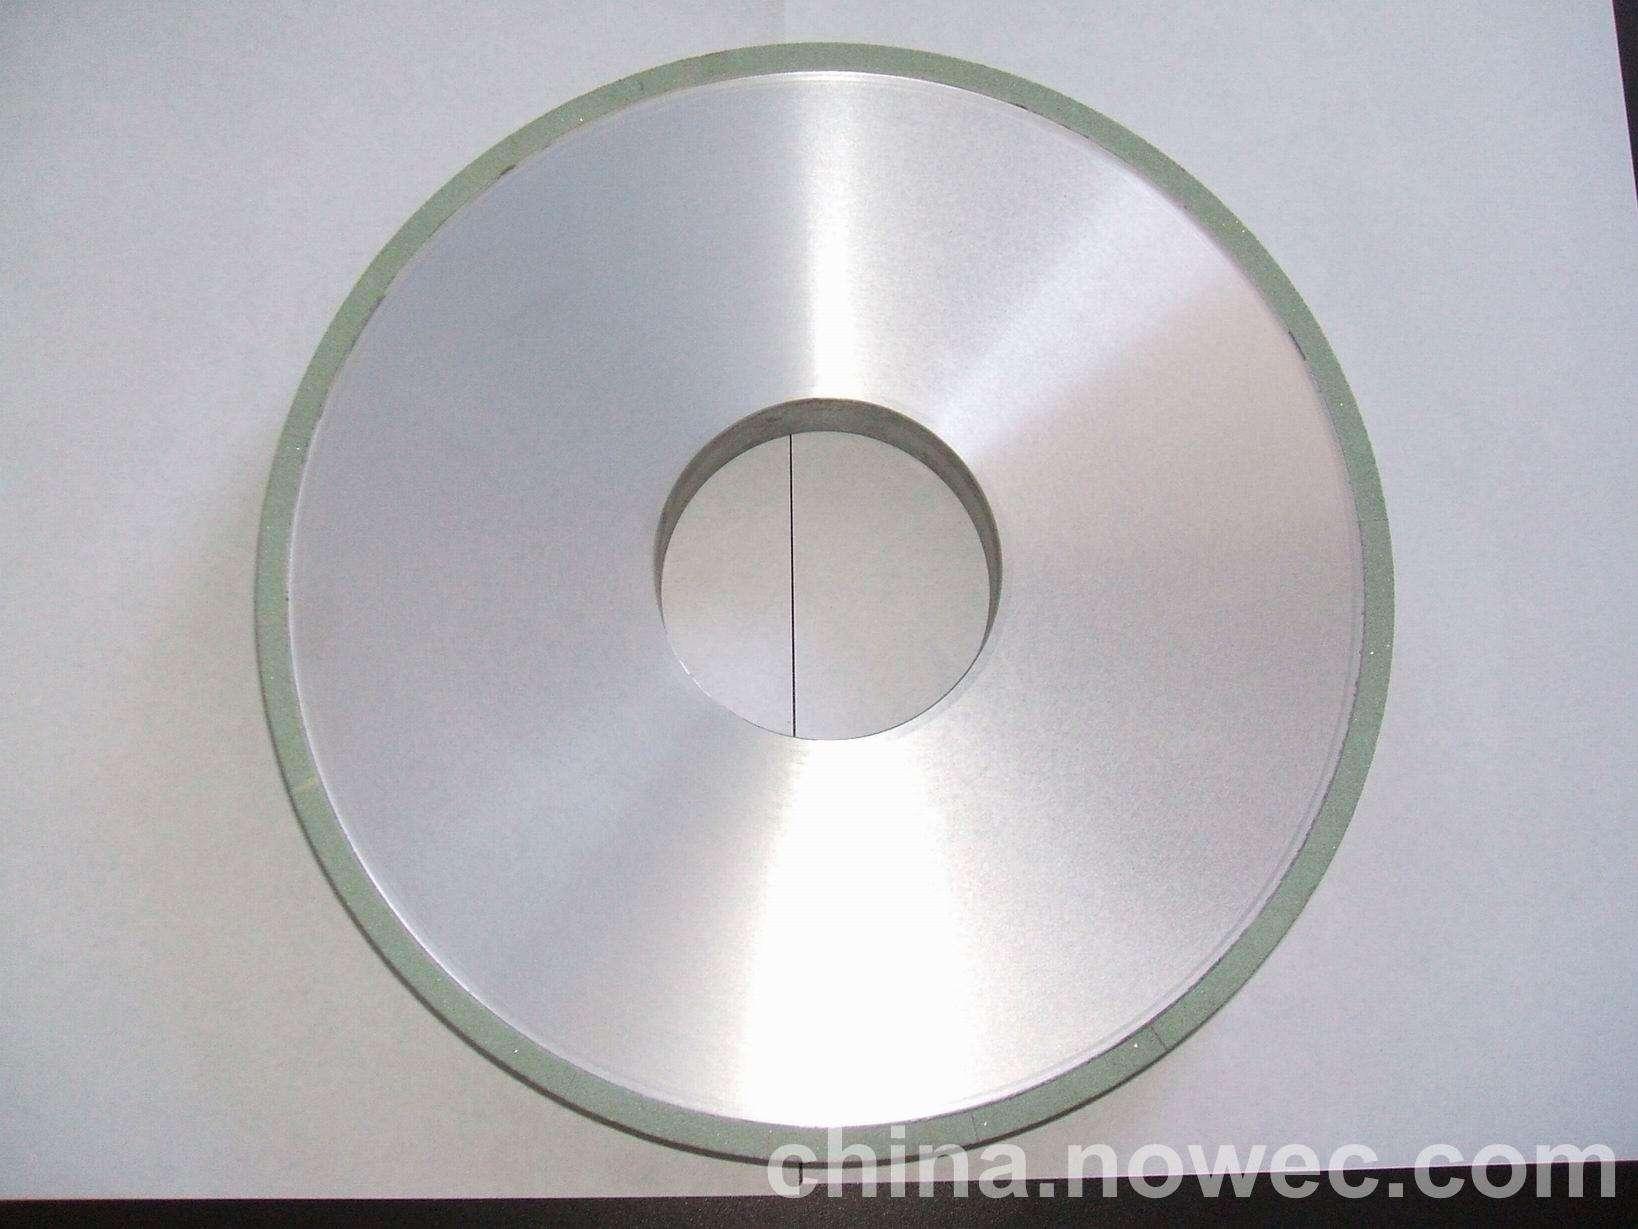 陶瓷平形金刚石砂轮价格-价格适中的陶瓷平形金刚石砂轮在哪买